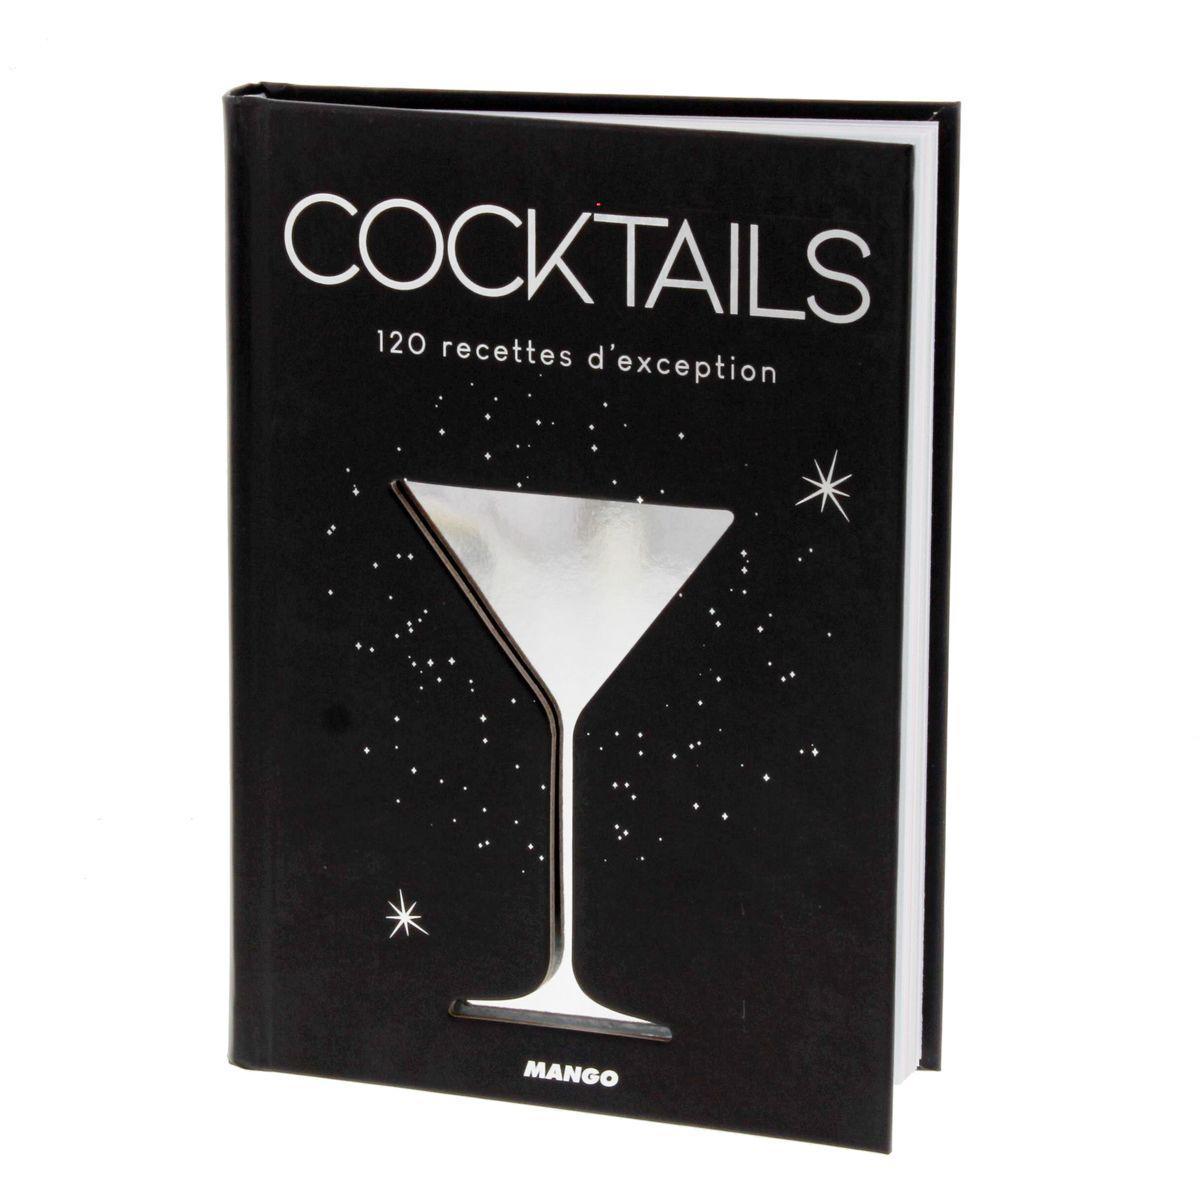 Cocktails 120 recettes d´exception - Mango